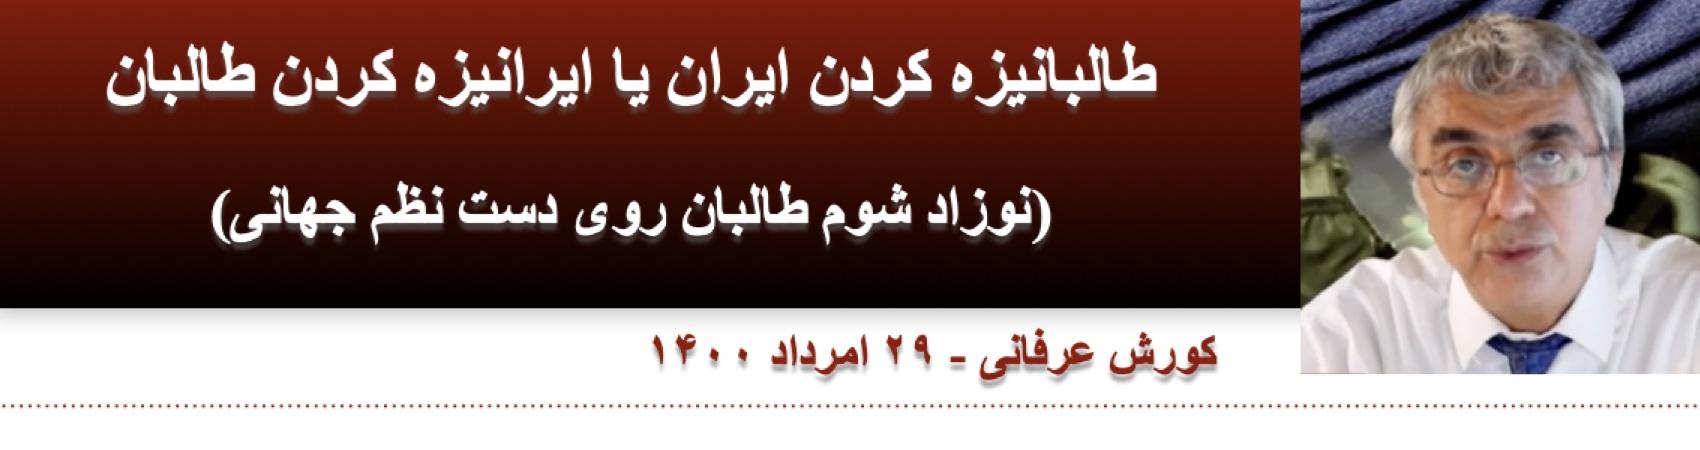 طالبانیزه کردن ایران یا ایرانیزه کردن طالبان 